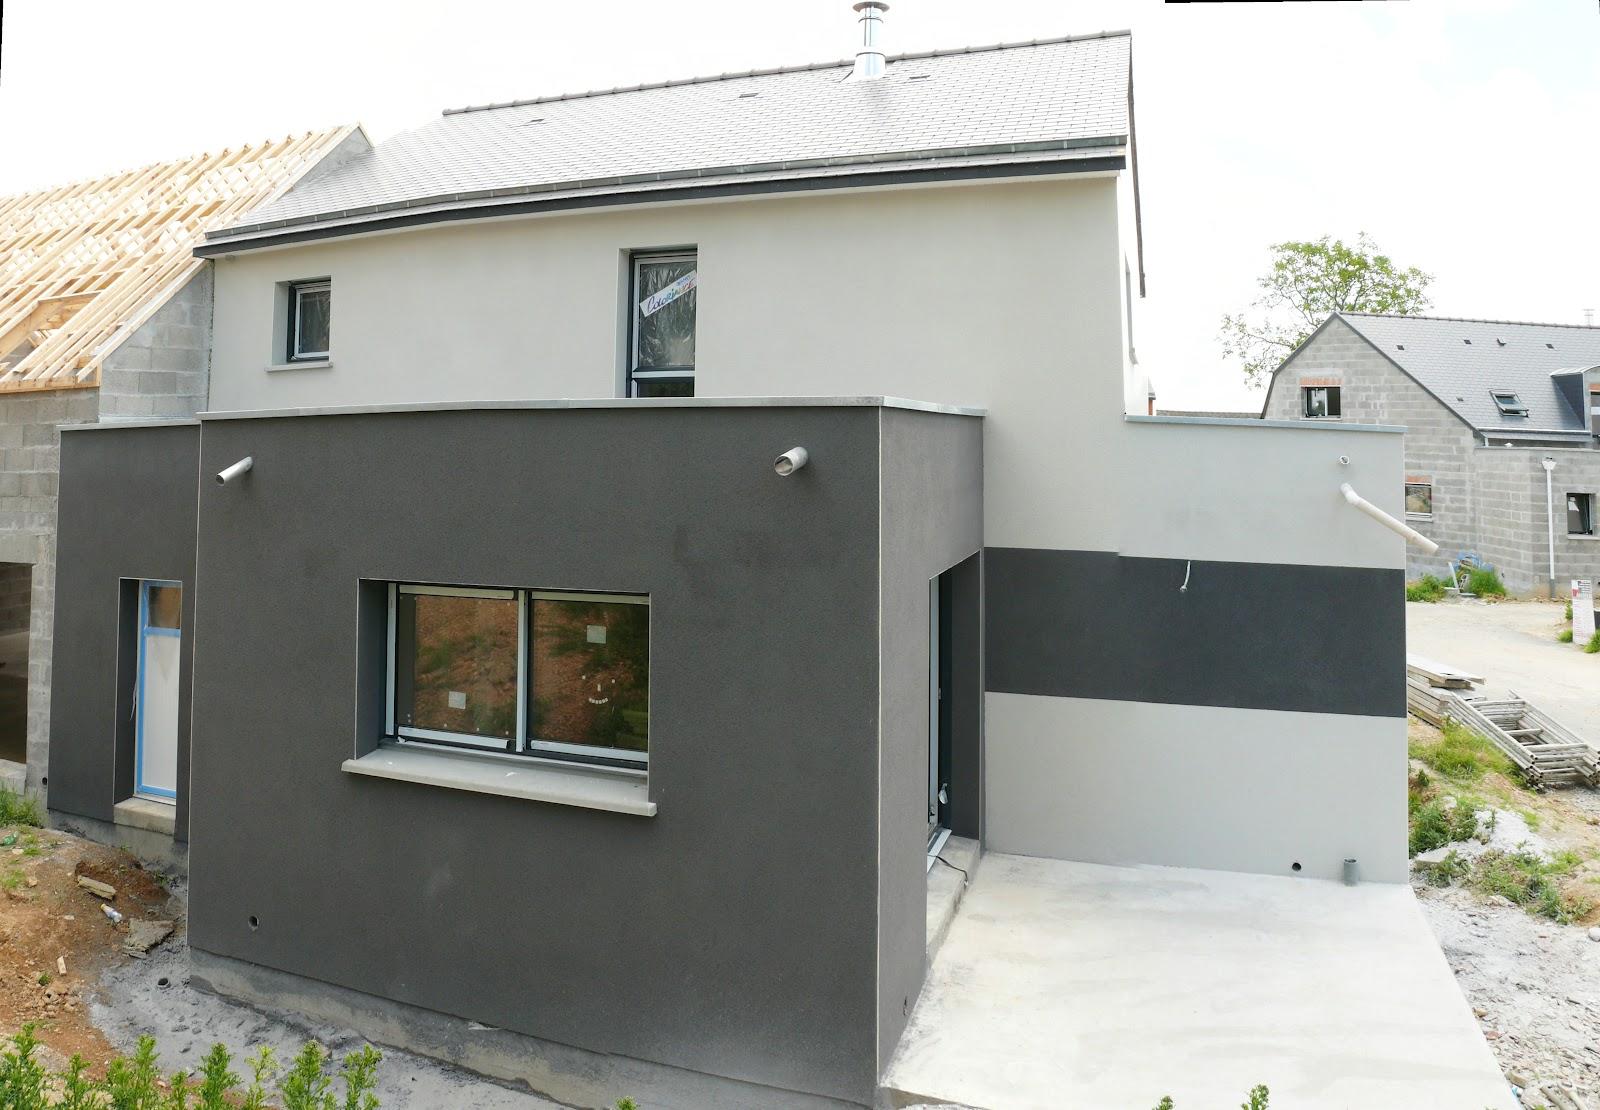 Crepi Exterieur Gris Anthracite notre maison à chateaugiron: 23 juin 2012 - enduit terminé